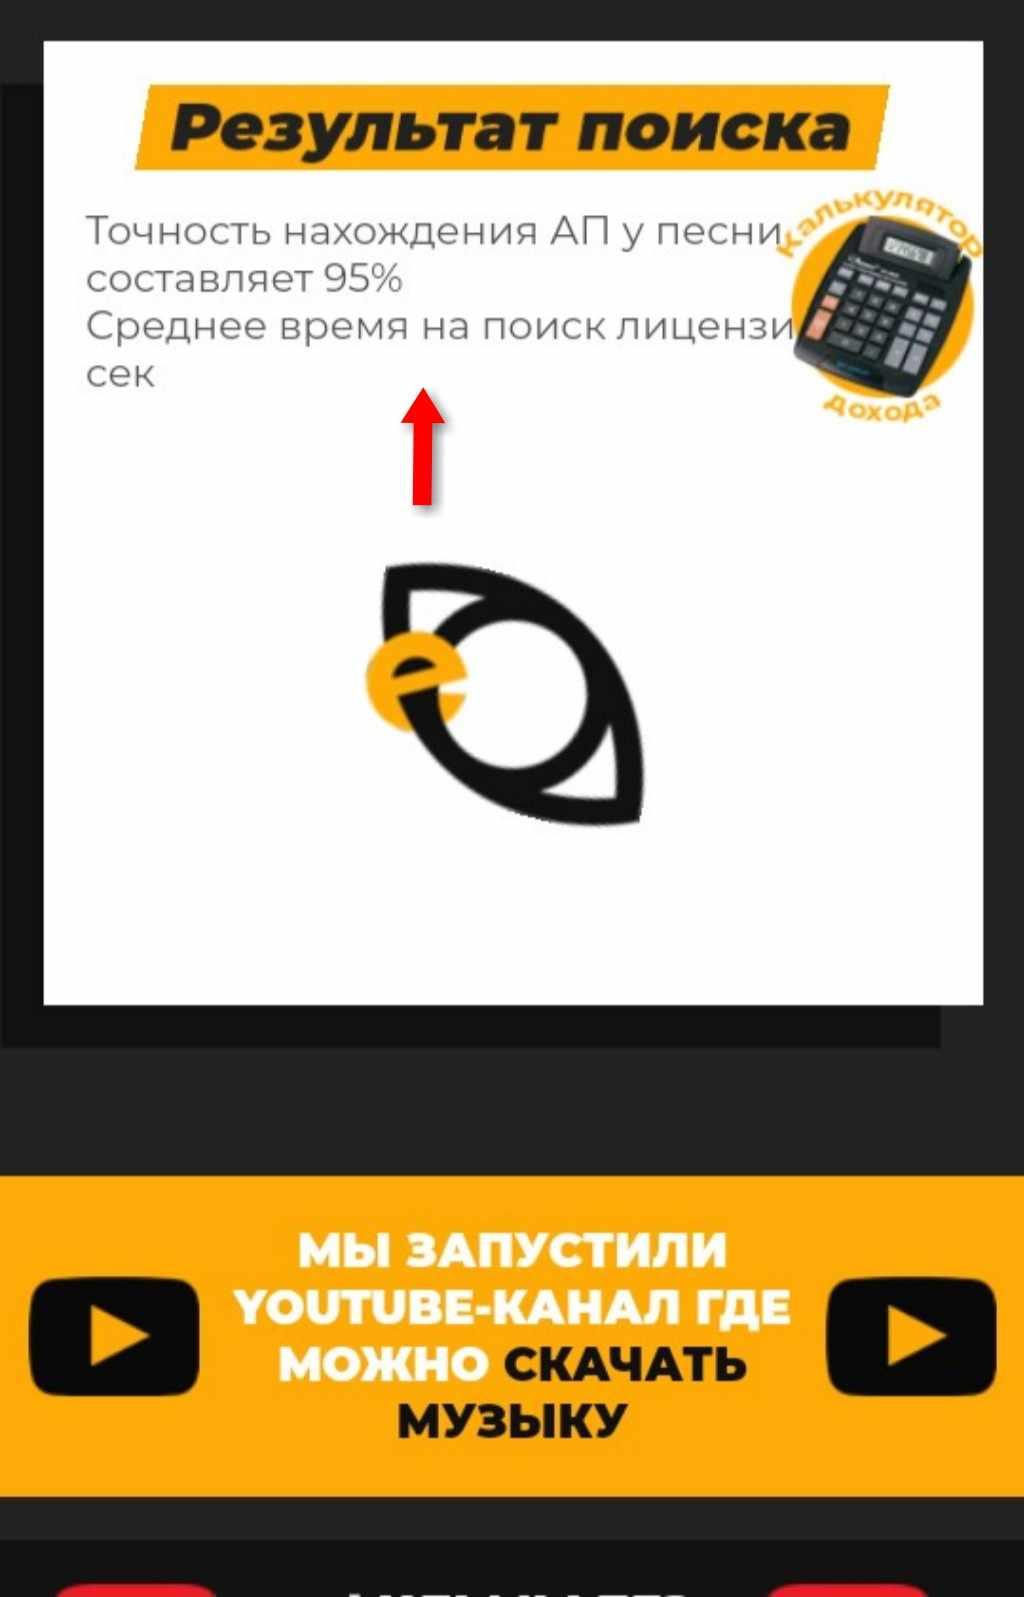 InFrame_1628859005427.jpg